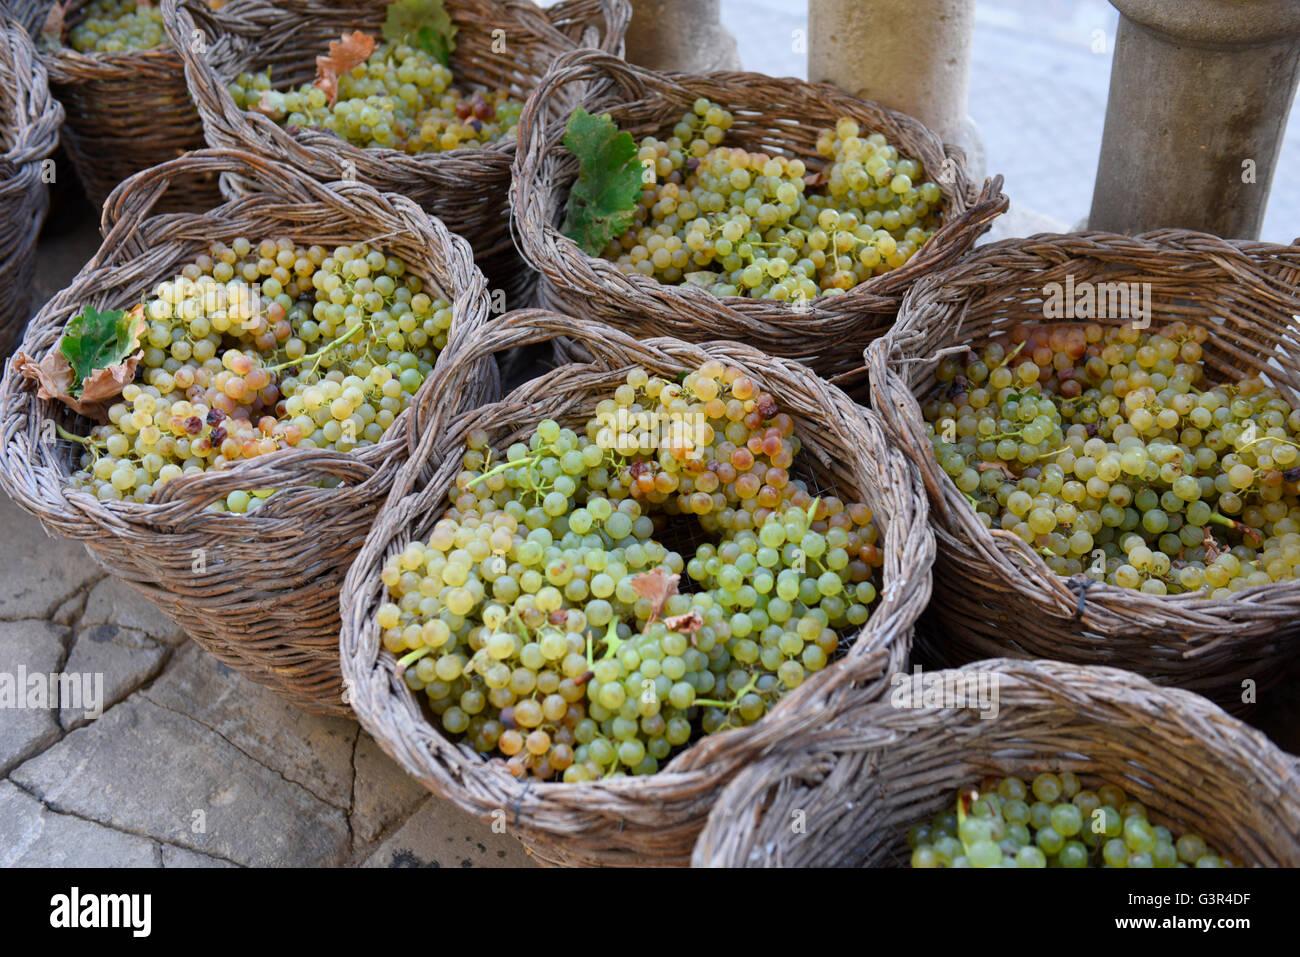 Trauben Sherry Jerez, Andalusien Spanien Weidenkörbe, Weinlese-Weine Stockbild